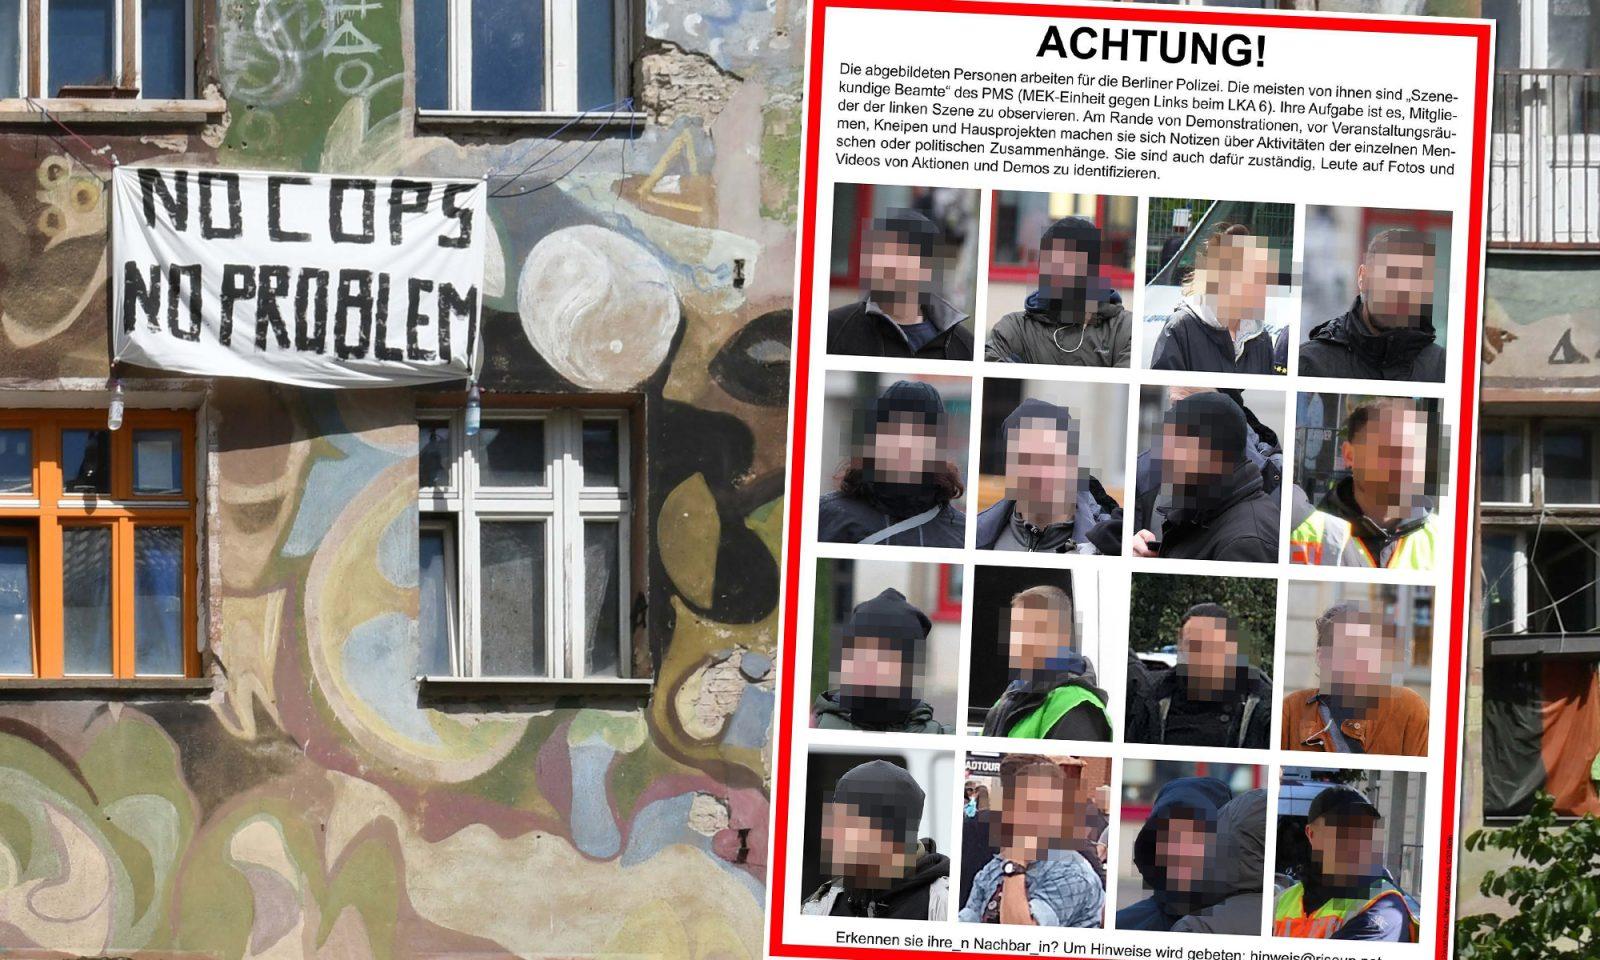 Besetztes Haus in der Rigaer Straße, linksextremes Plakat